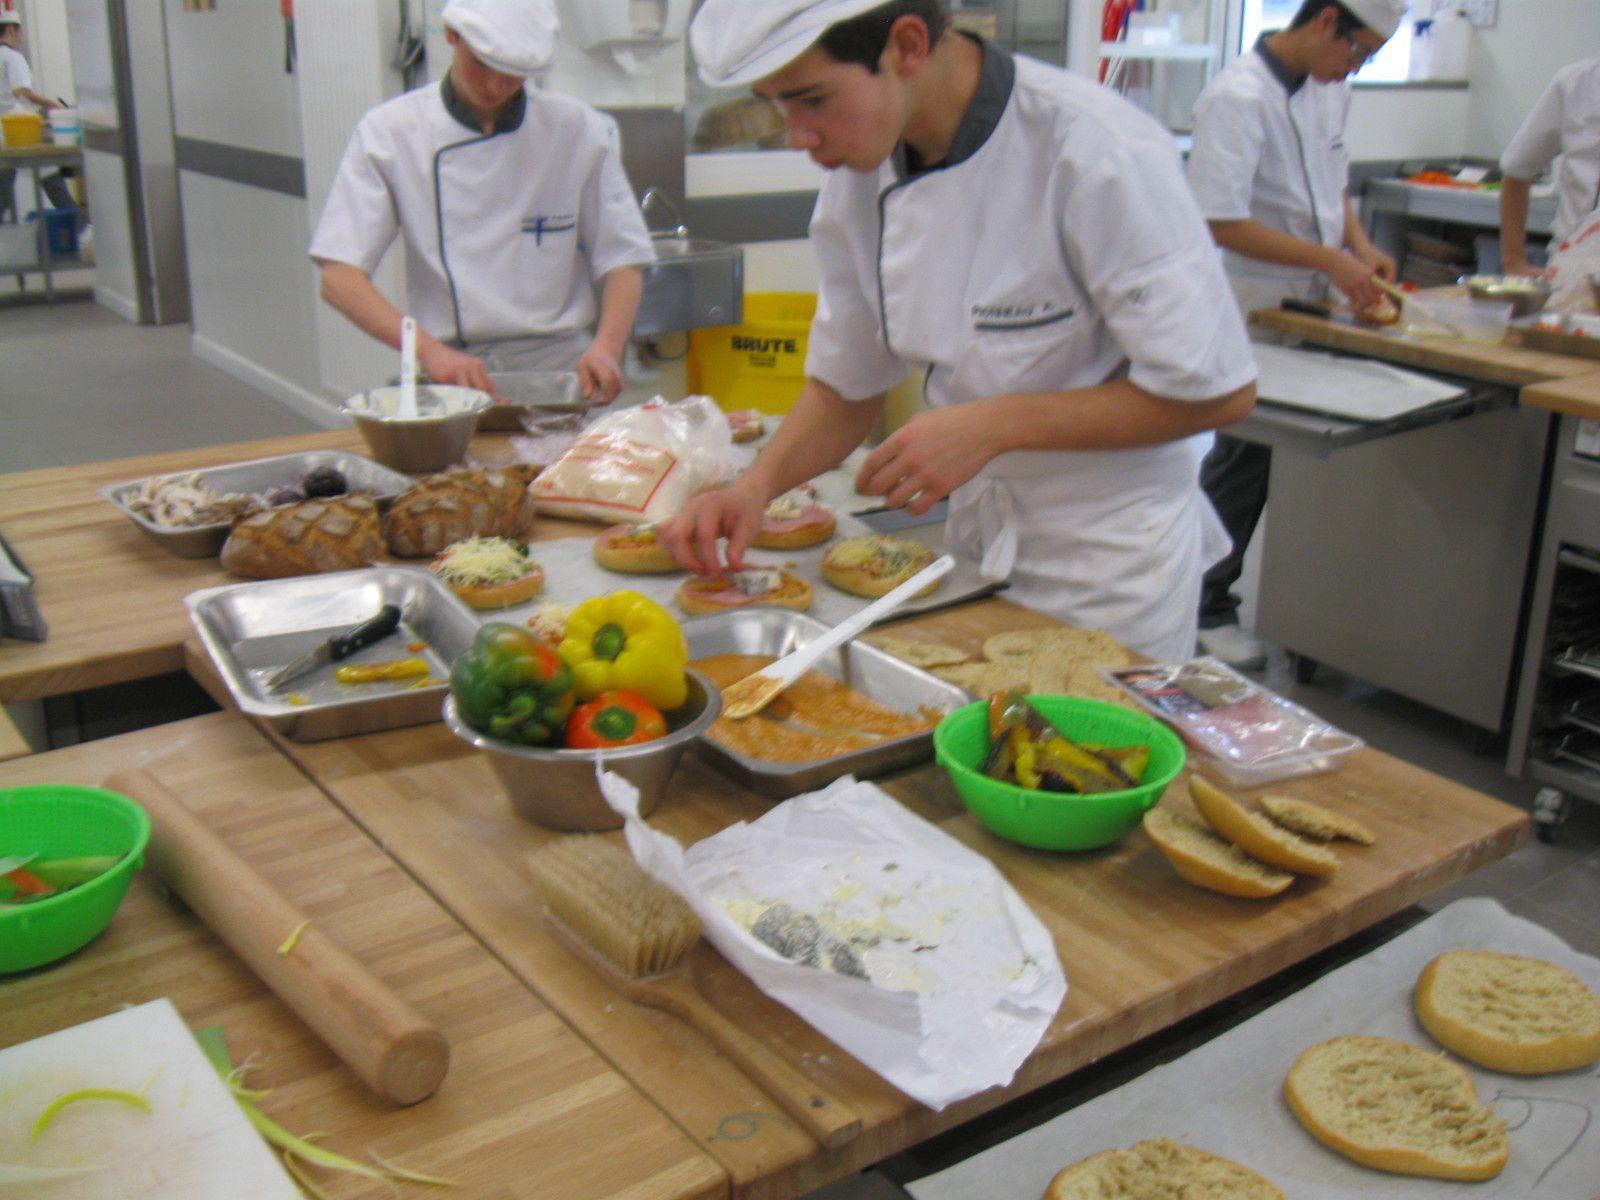 Le montage de la tartine, effectué en fin de matinée et début d'après-midi.